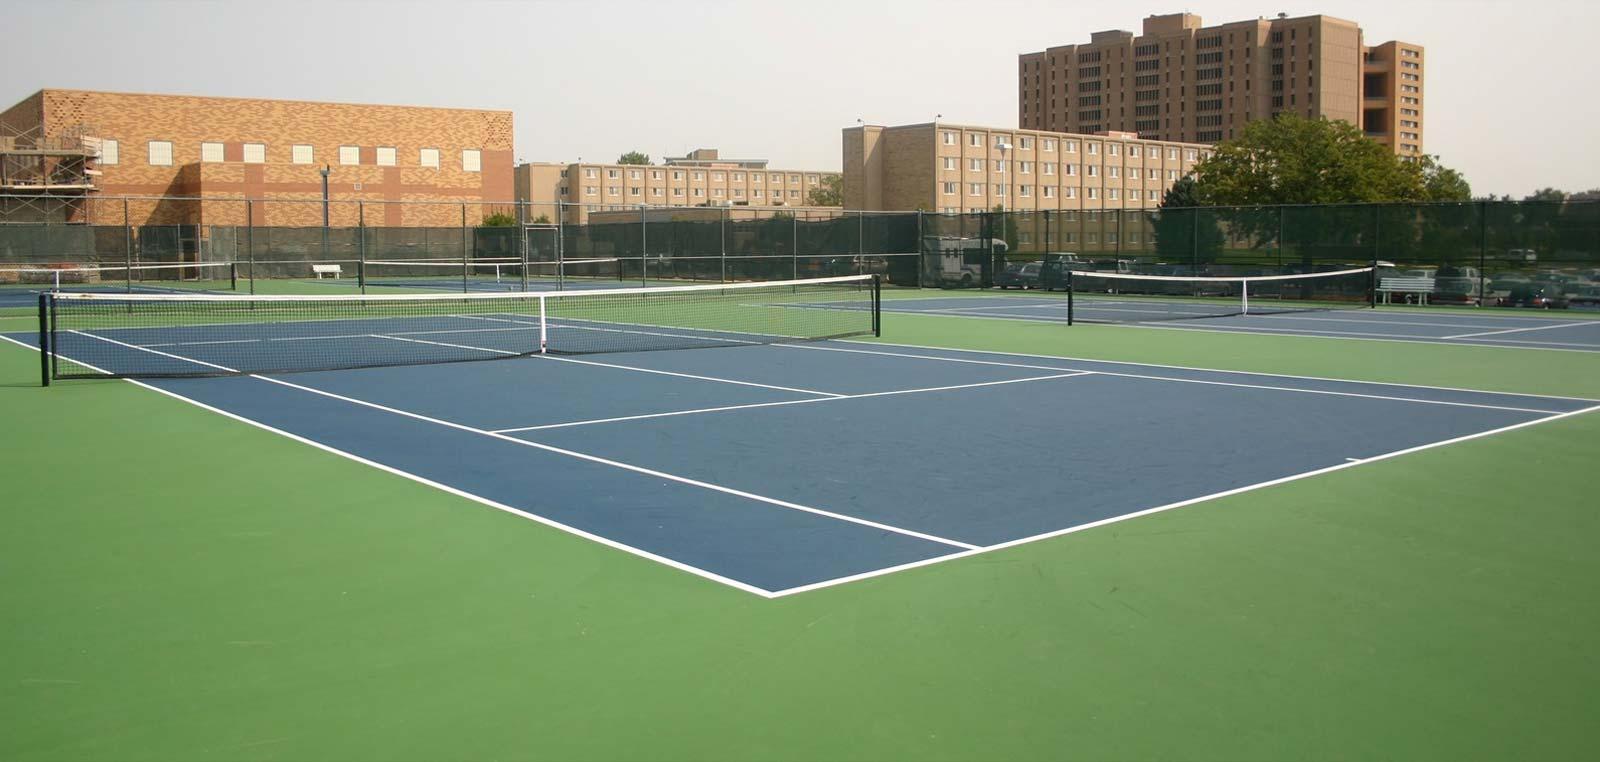 Butler-Hancock Tennis Complex